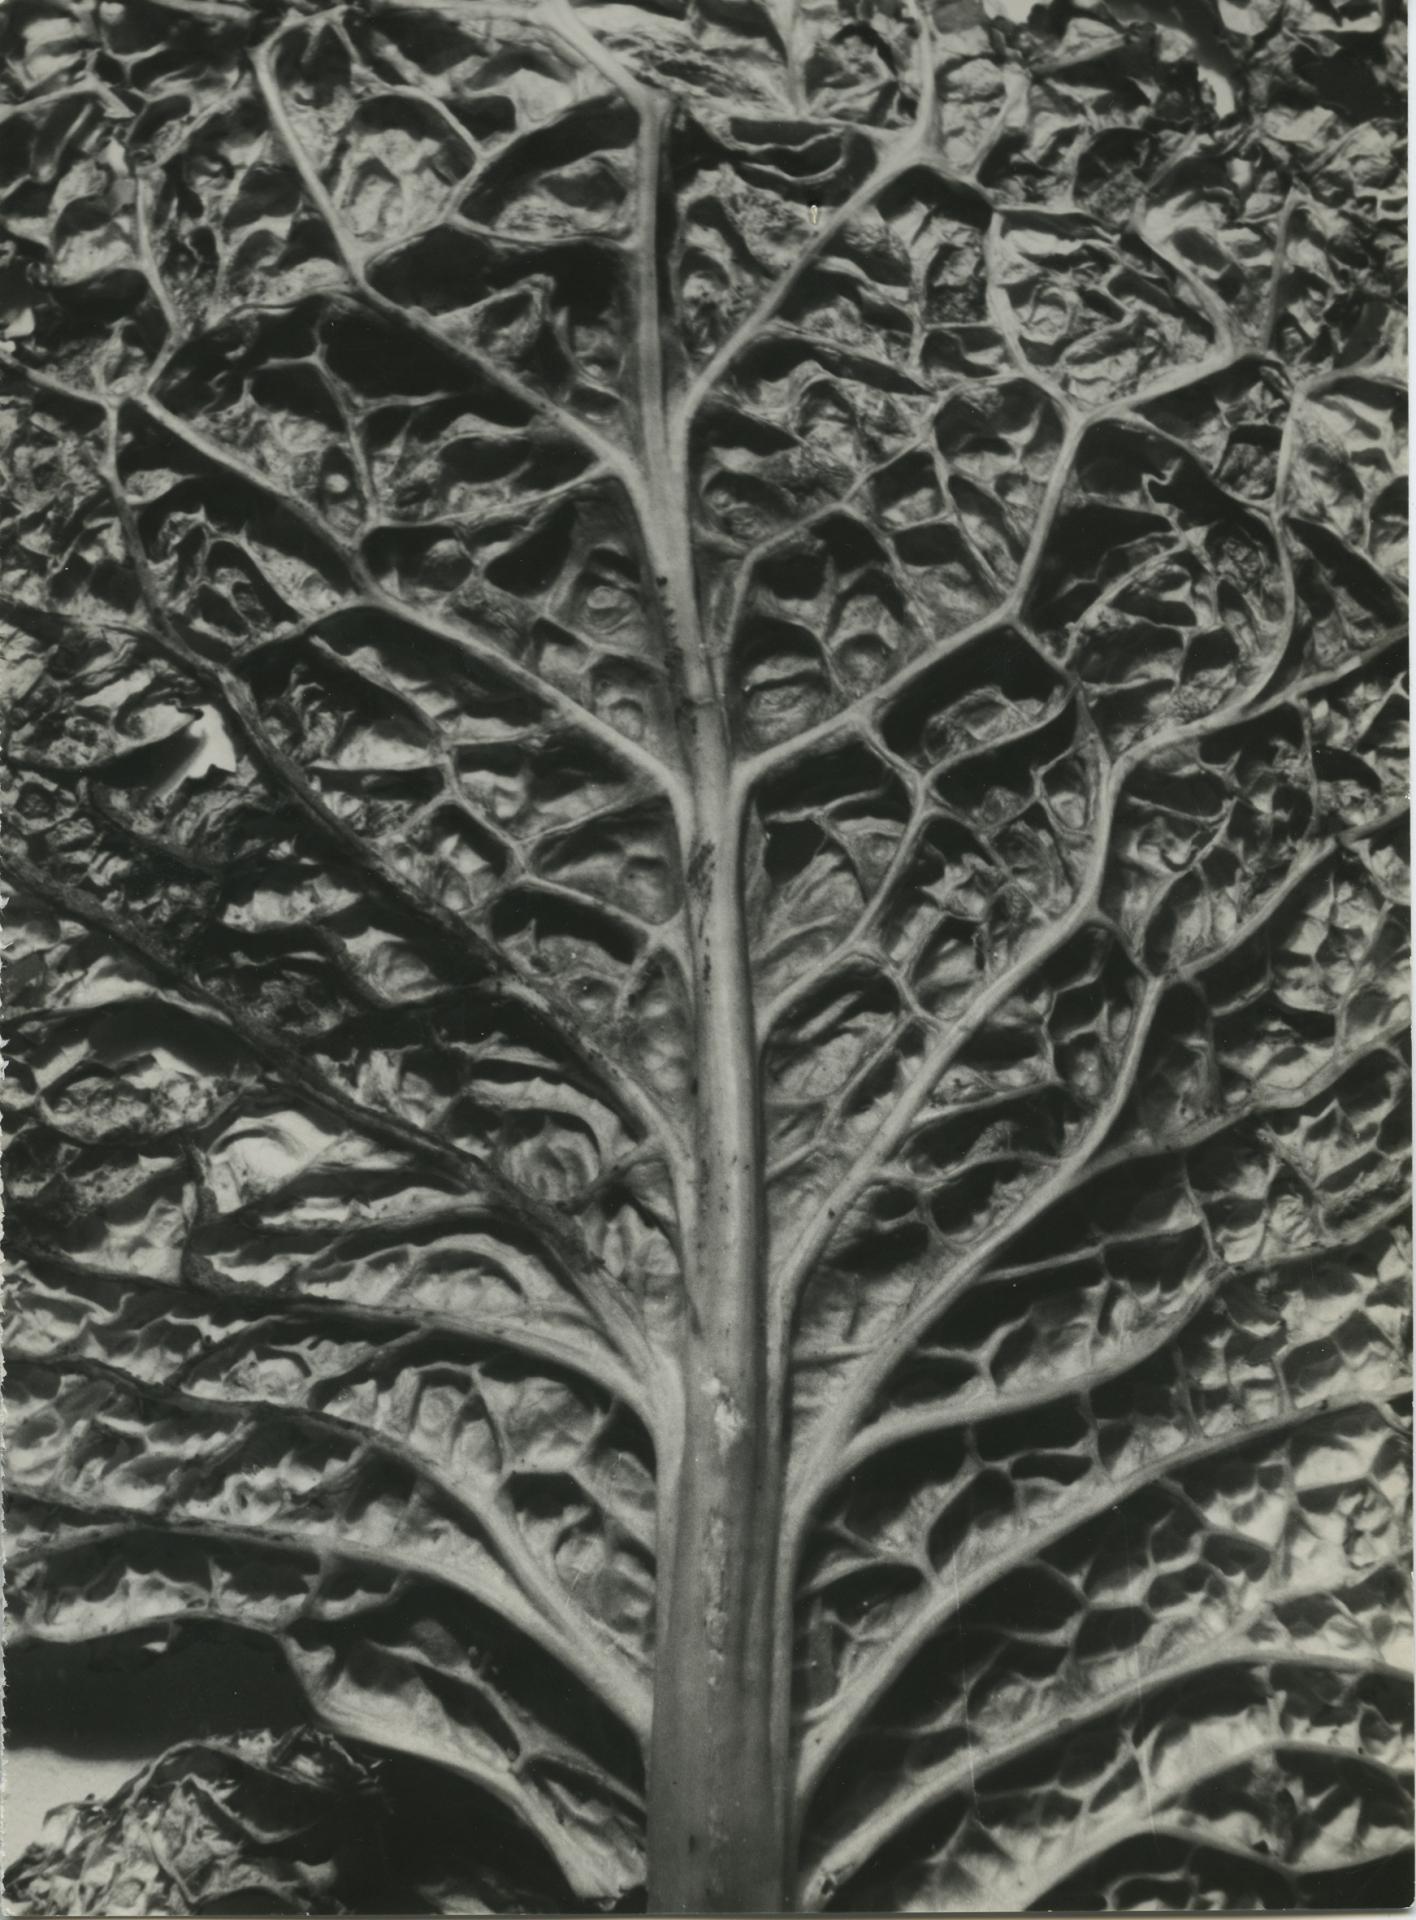 Wiesław Wojczulanis, Gotyk, 1962/1986, odbitka żelatynowo-srebrowa, kolekcja Muzeum Sztuki w Łodzi